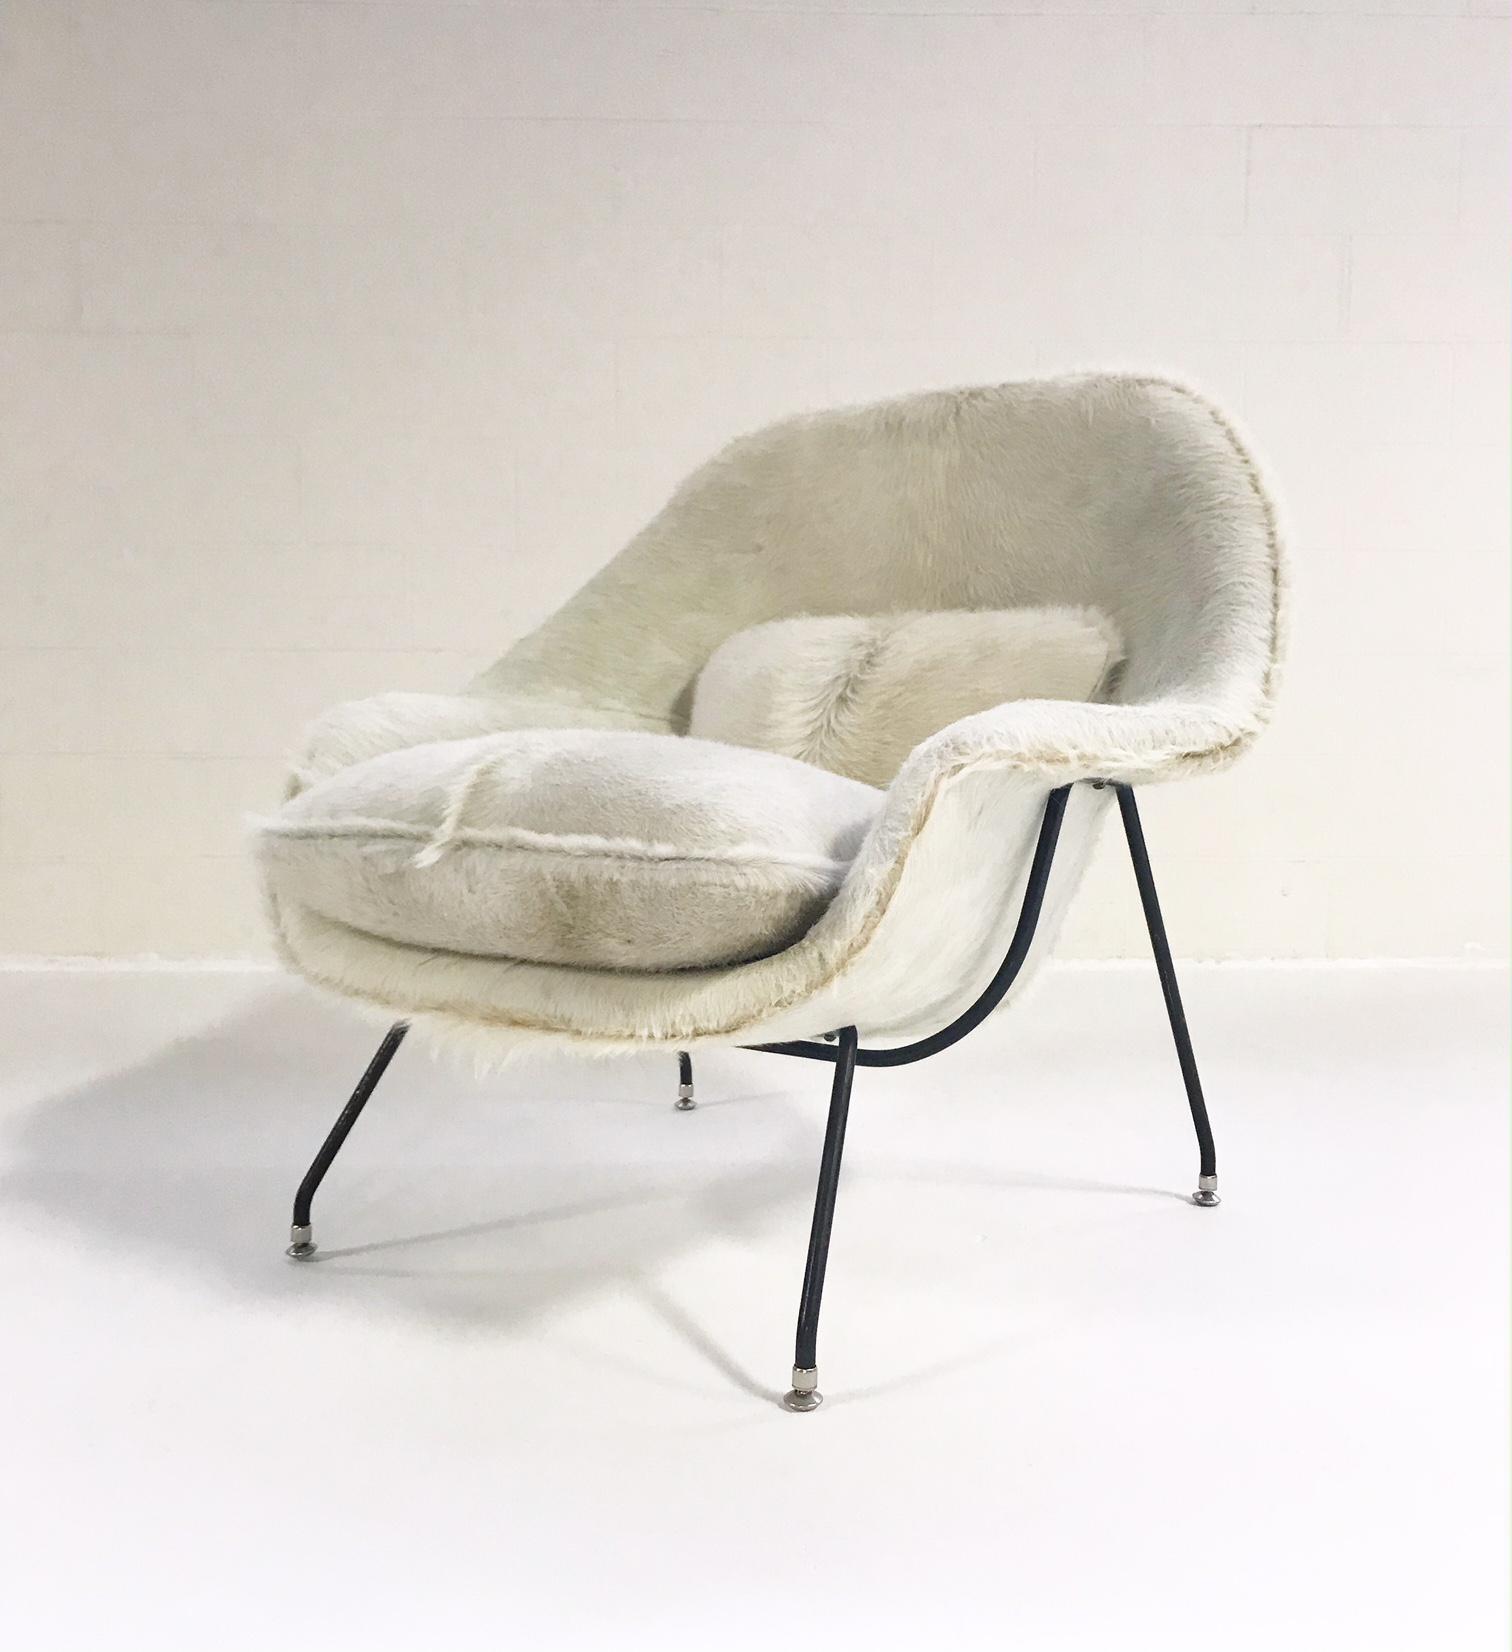 Forsyth Vintage Eero Saarinen Restored In Brazilian Cowhide Womb Chair    Image 9 Of 9